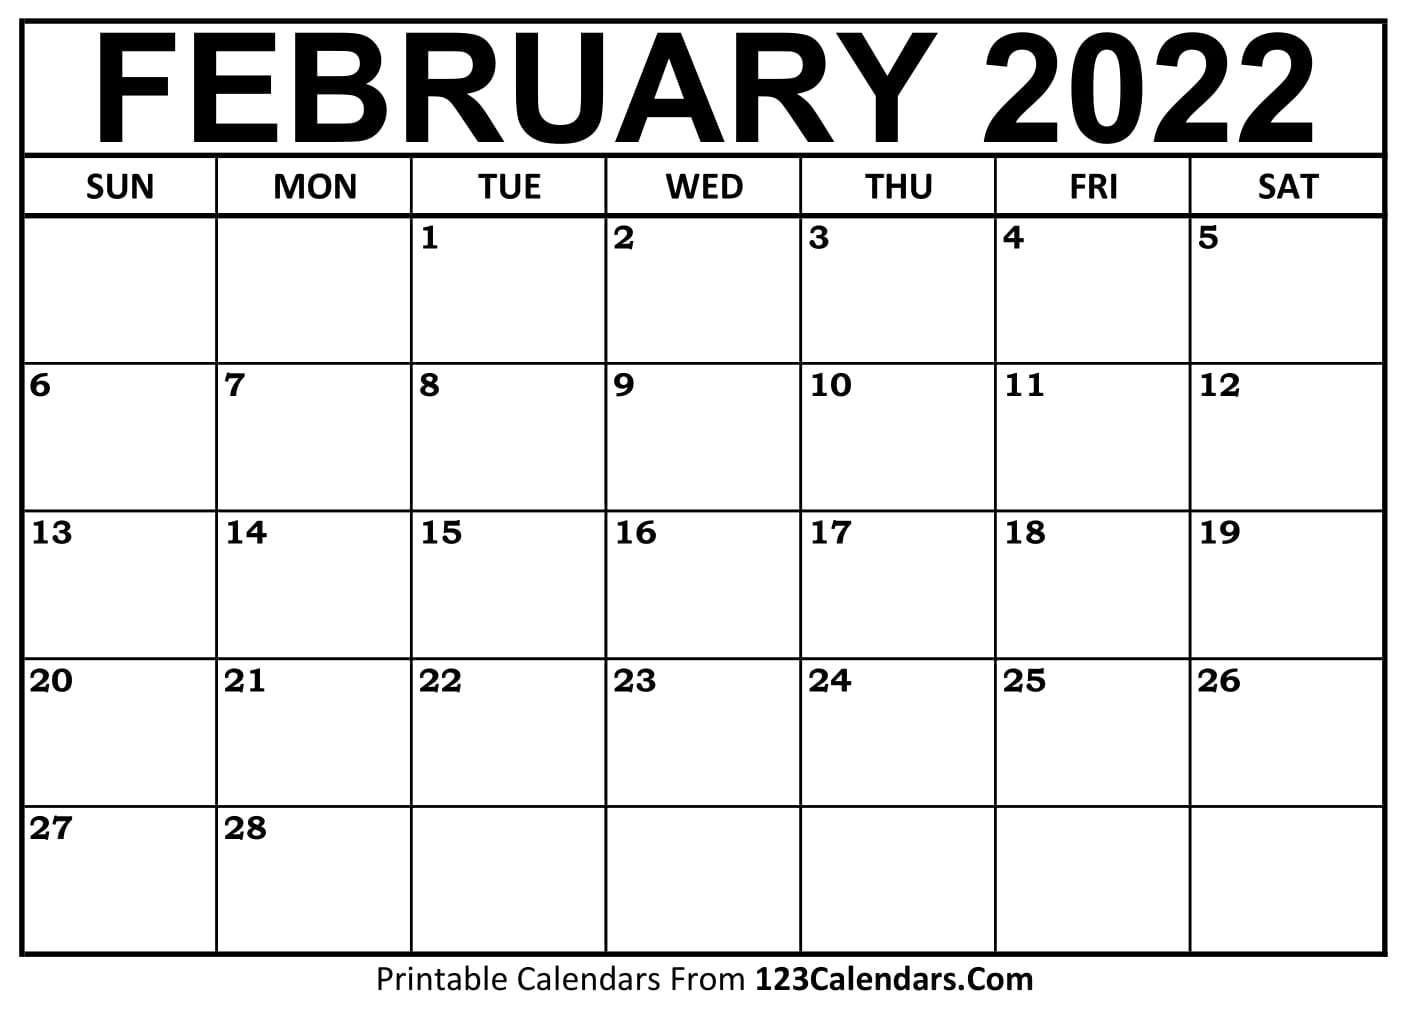 Printable February 2021 Calendar Templates | 123Calendars.com